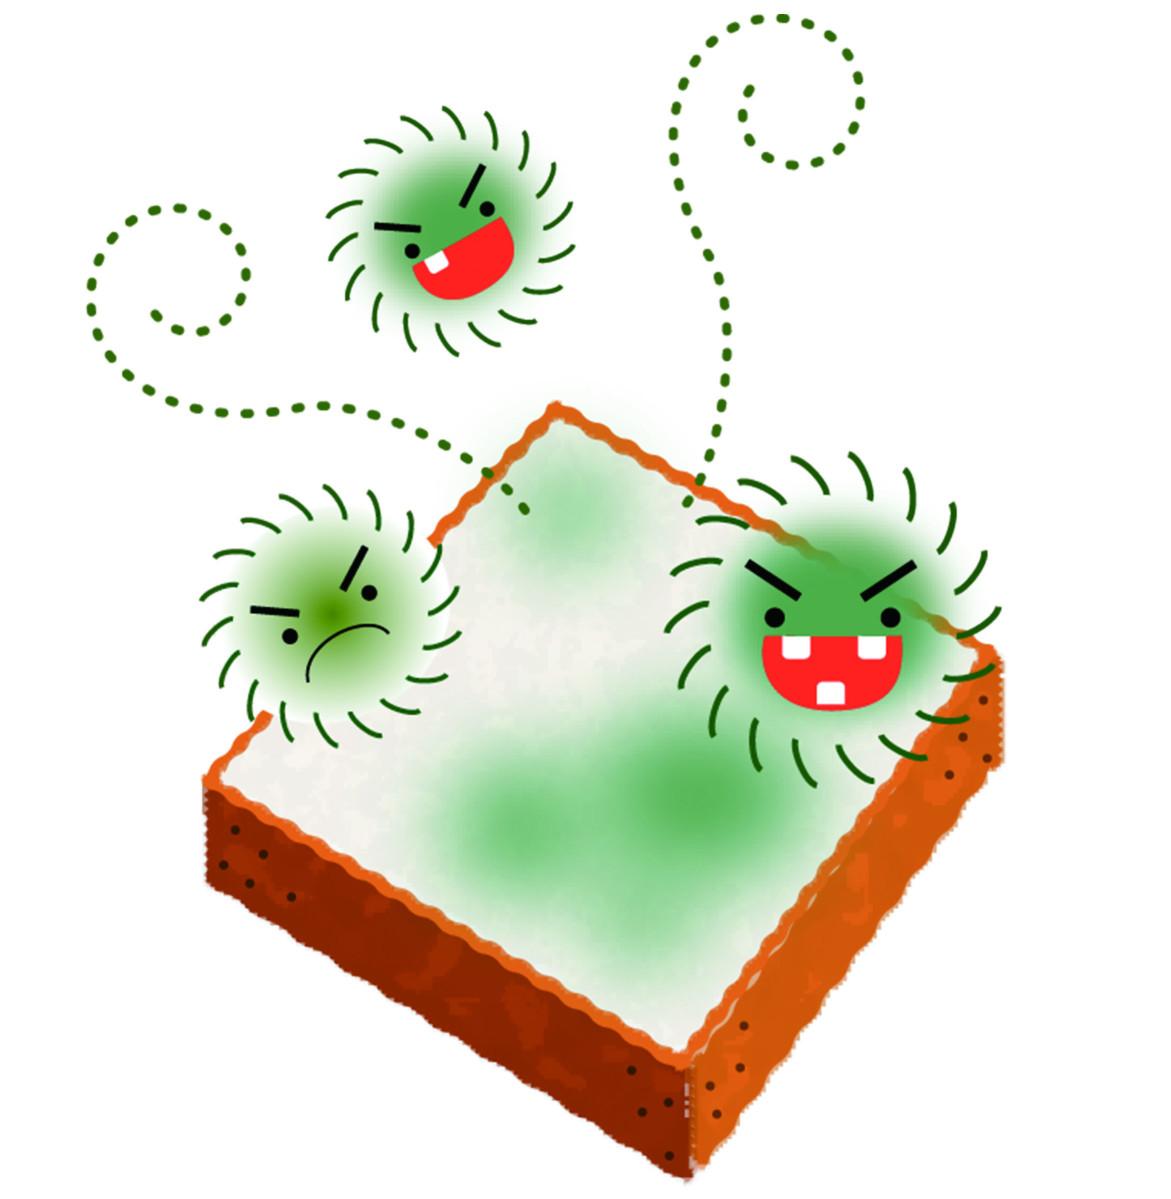 當大量黴菌生成後,「嚙蟲」、「跳蟲」或「酪螨」也可能隨之大量孳生。此時的室內環境,可能一天要有數十、數百隻麵包蟲出沒。更糟的是,伴隨而來的嚙蟲、跳蟲或酪螨的數量會更為驚人, 而且會蔓延至整個建築,難以根除。